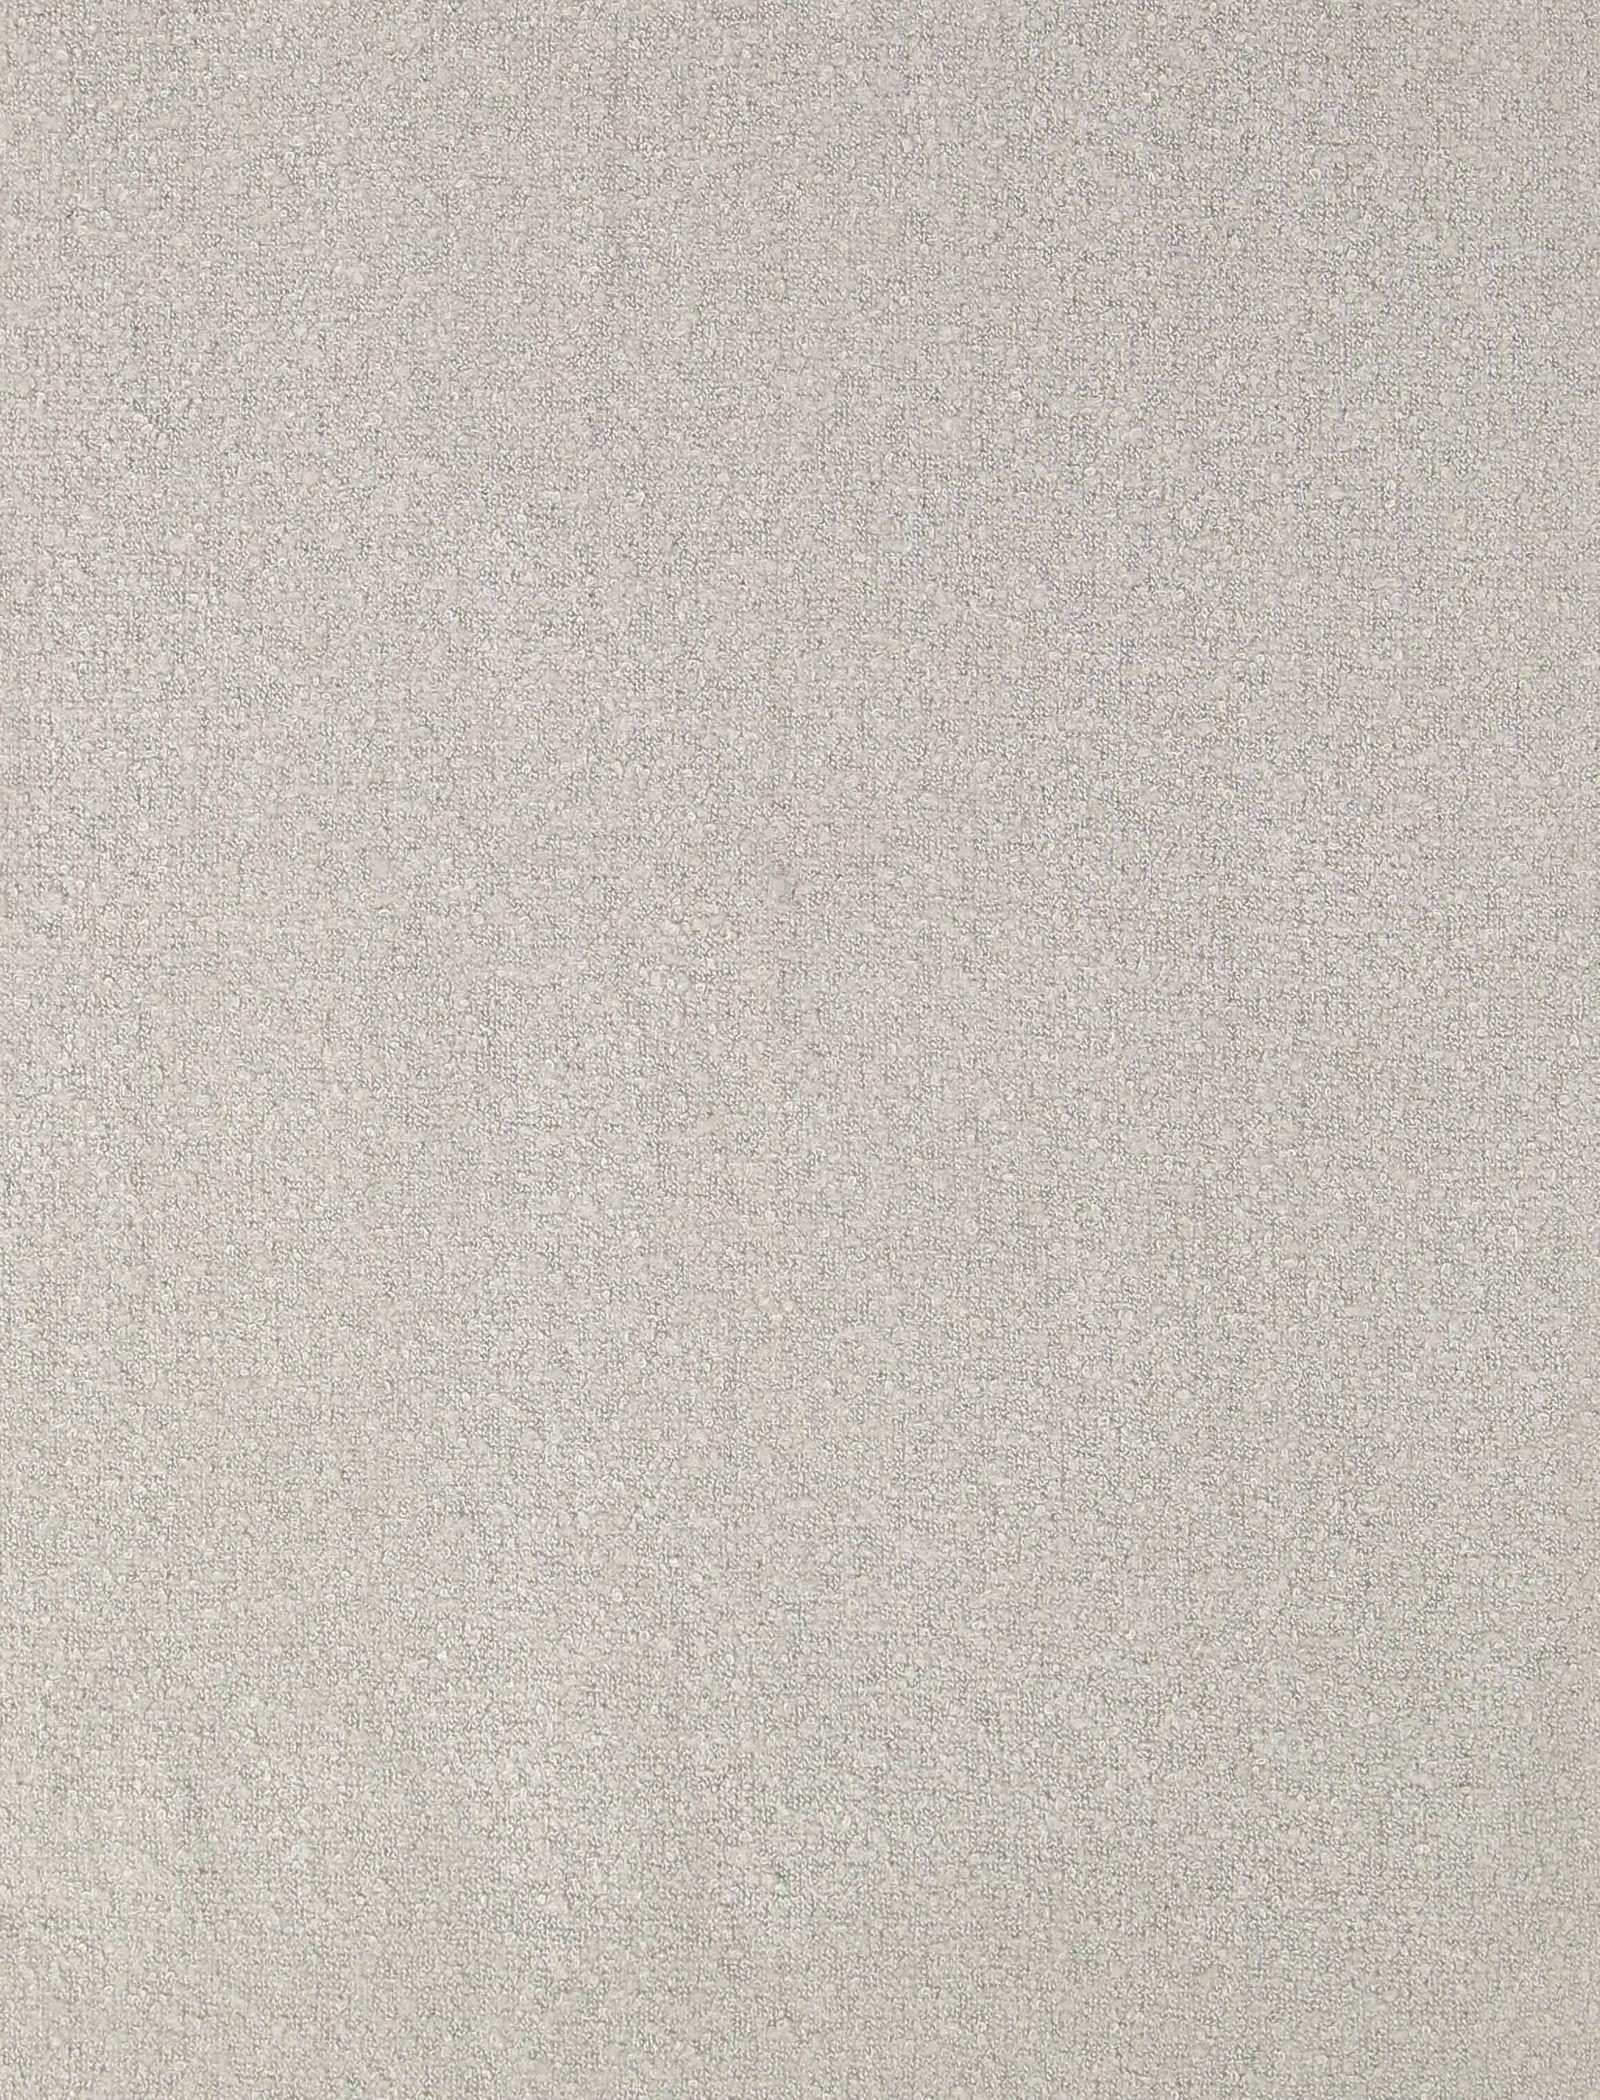 شال ساده زنانه - جنیفر - طوسي روشن - 3